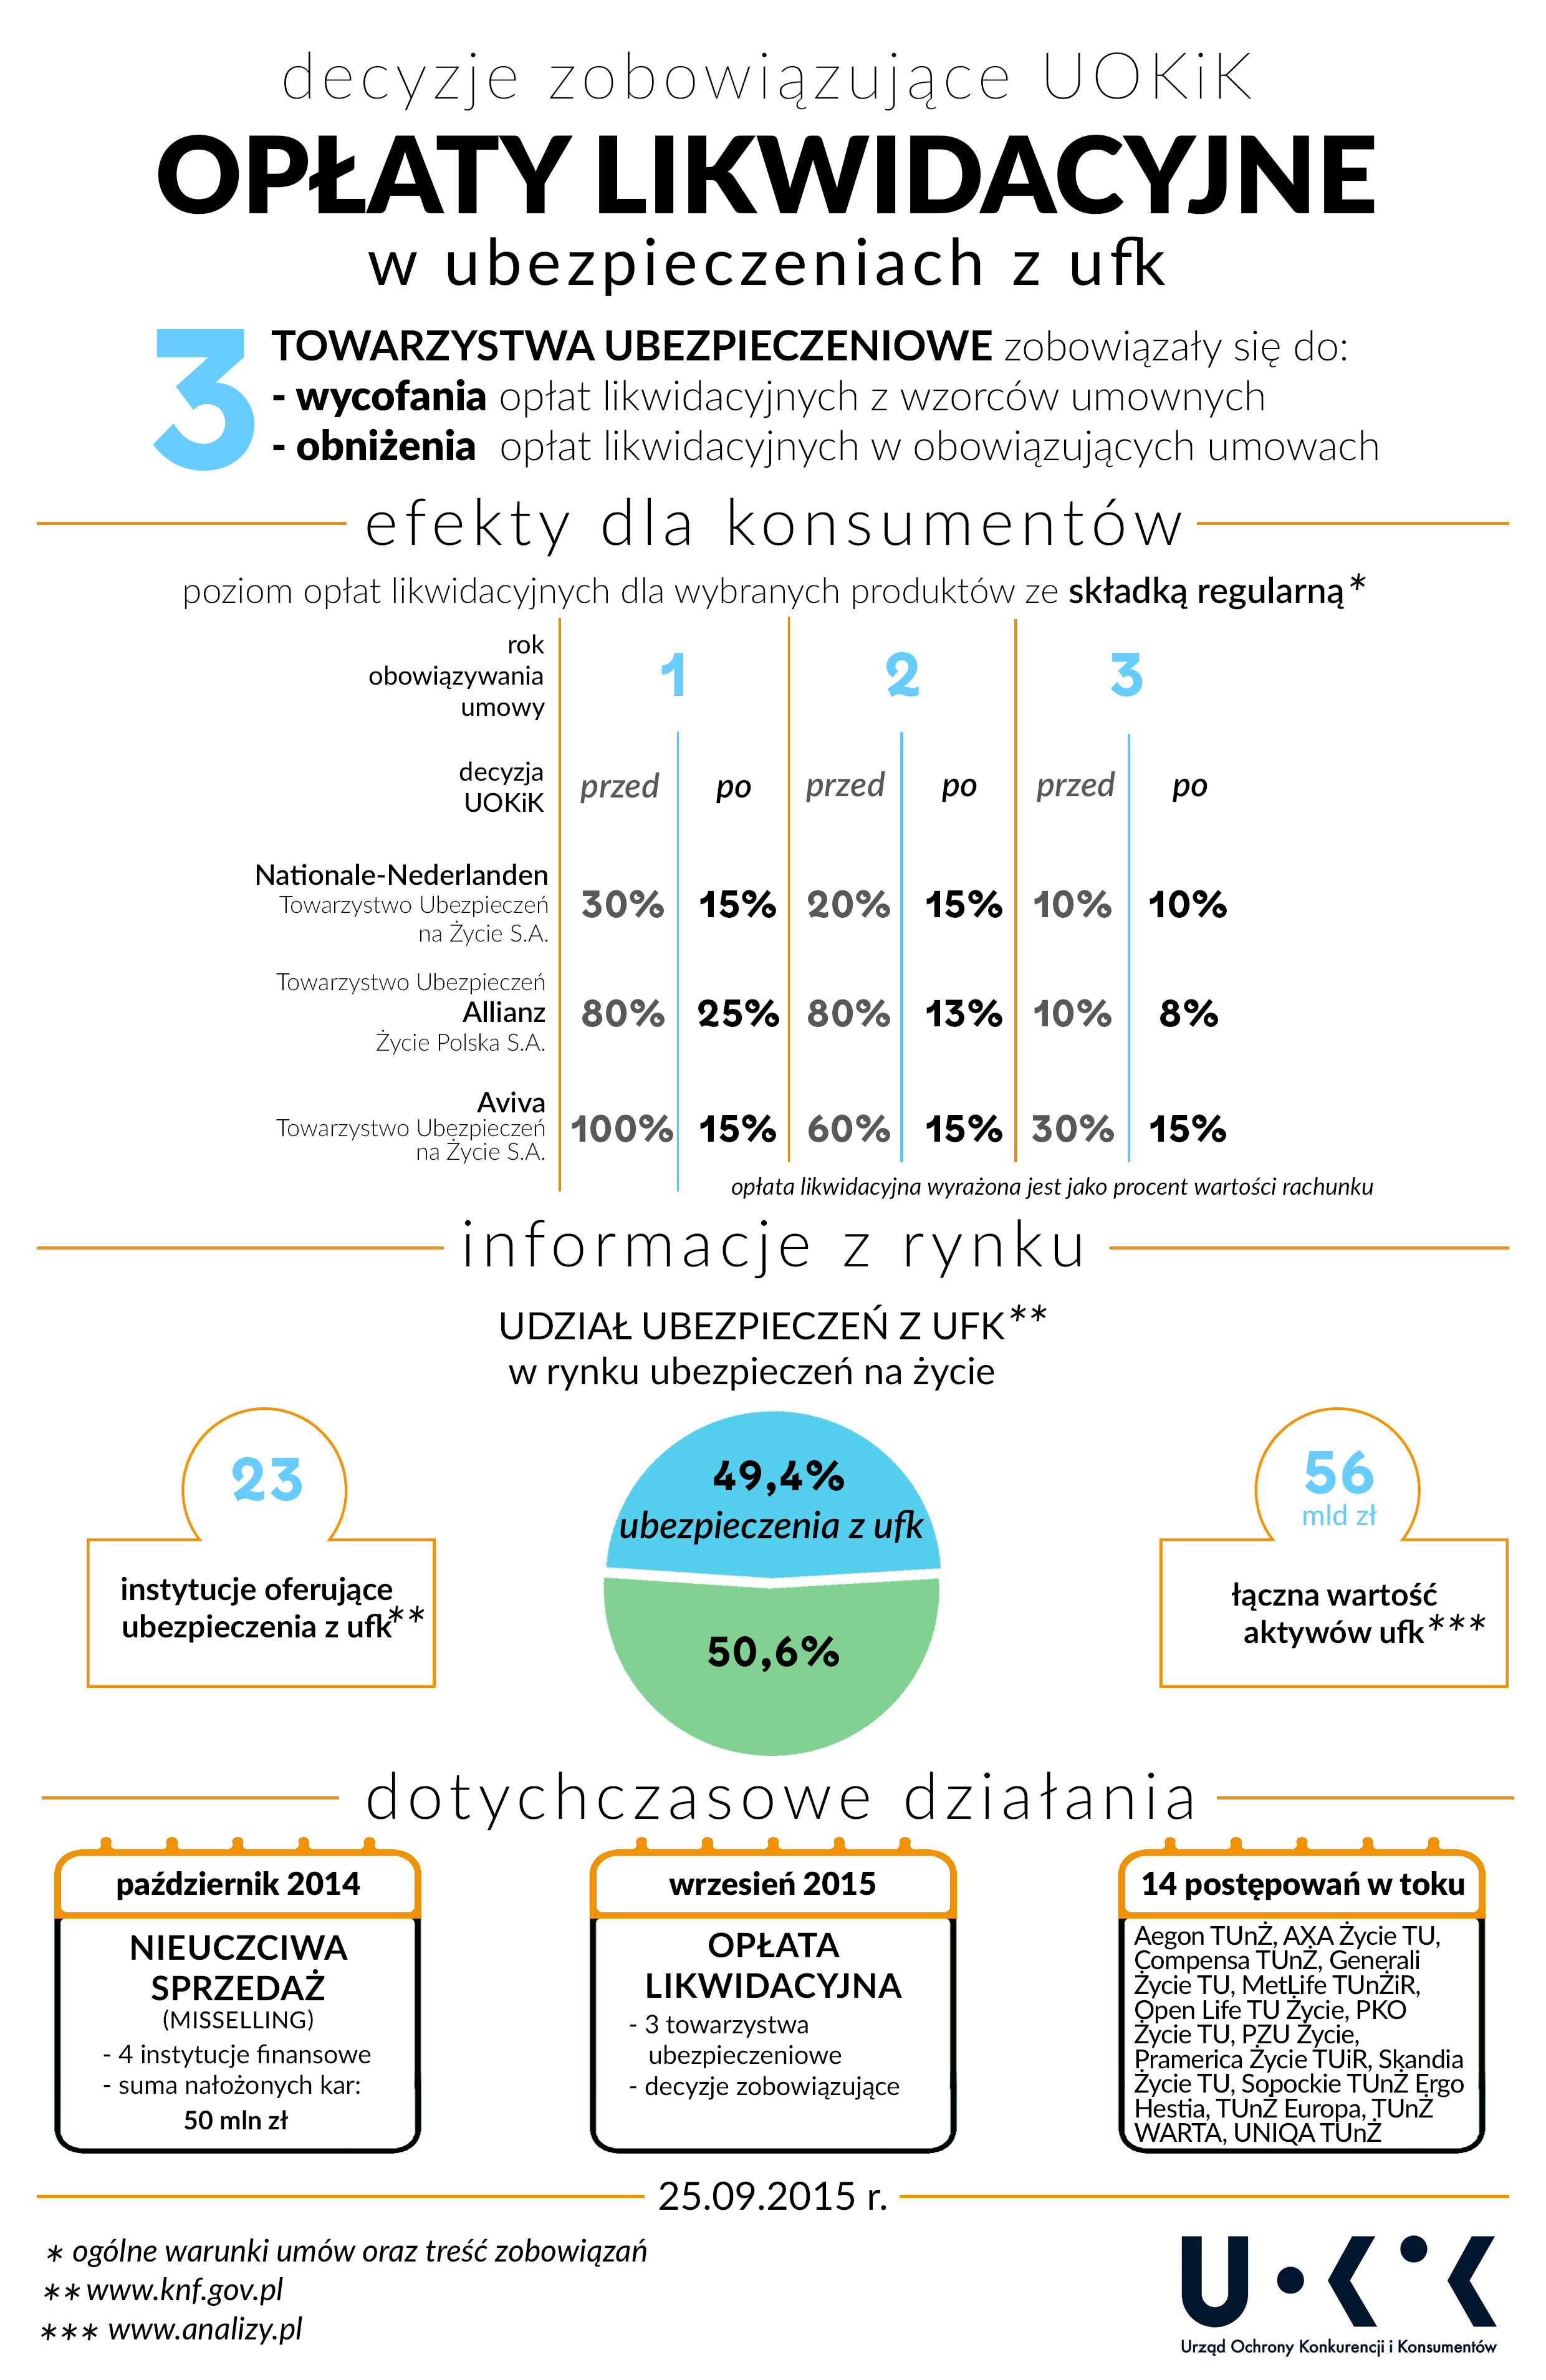 uokik_infografika_oplaty_likwidacyjne_20151104